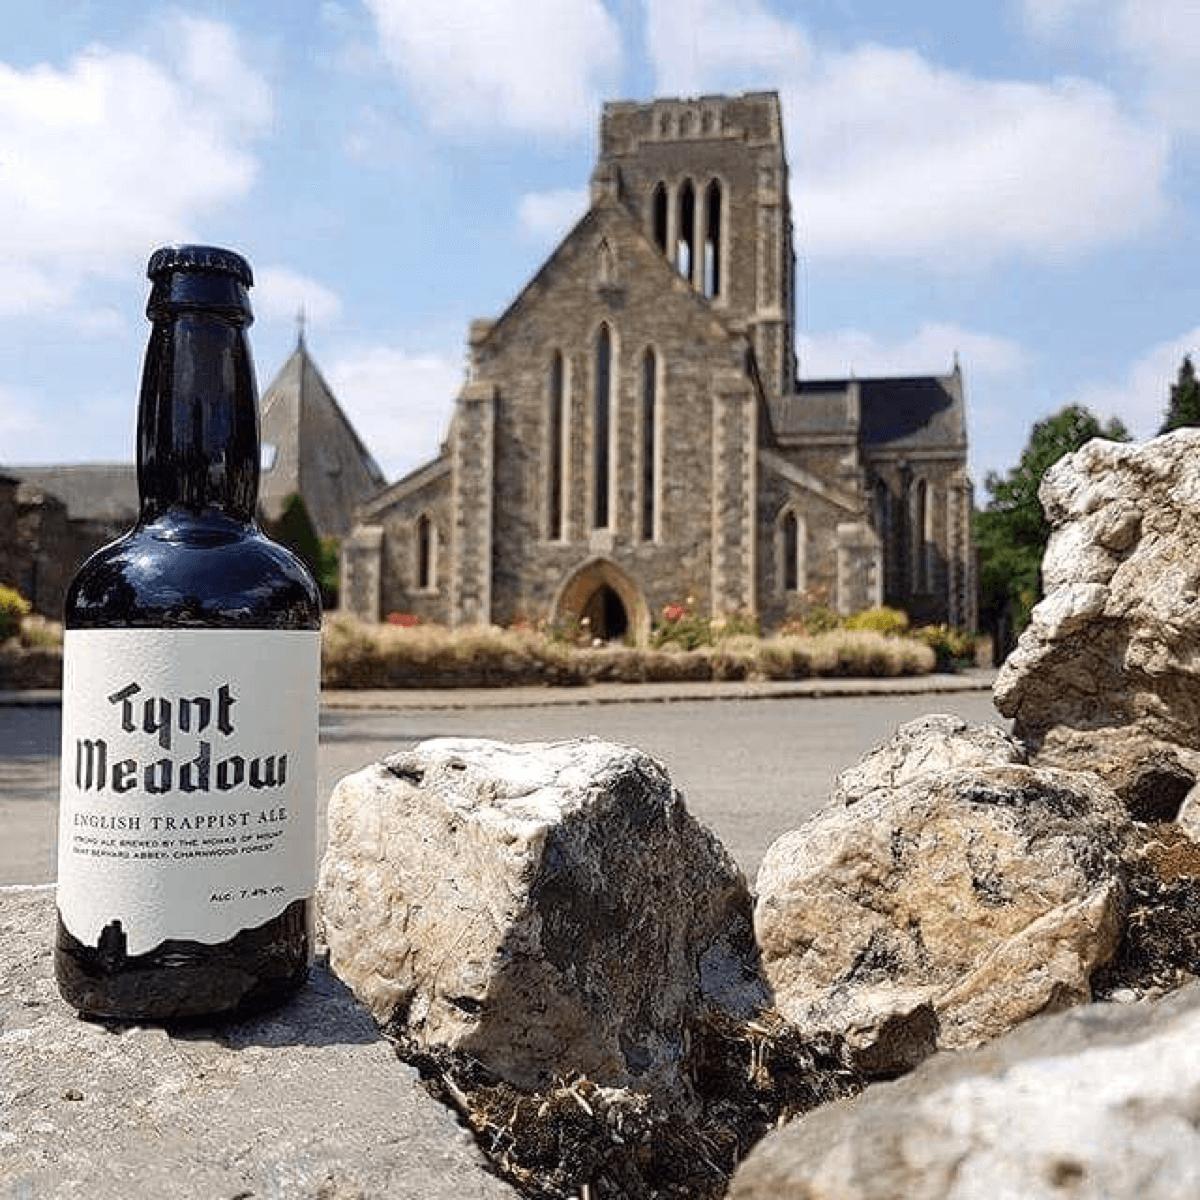 Le «M» de l'étiquette de la Tynt Meadow illustre les fenêtres à lancettes de l'église abbatiale